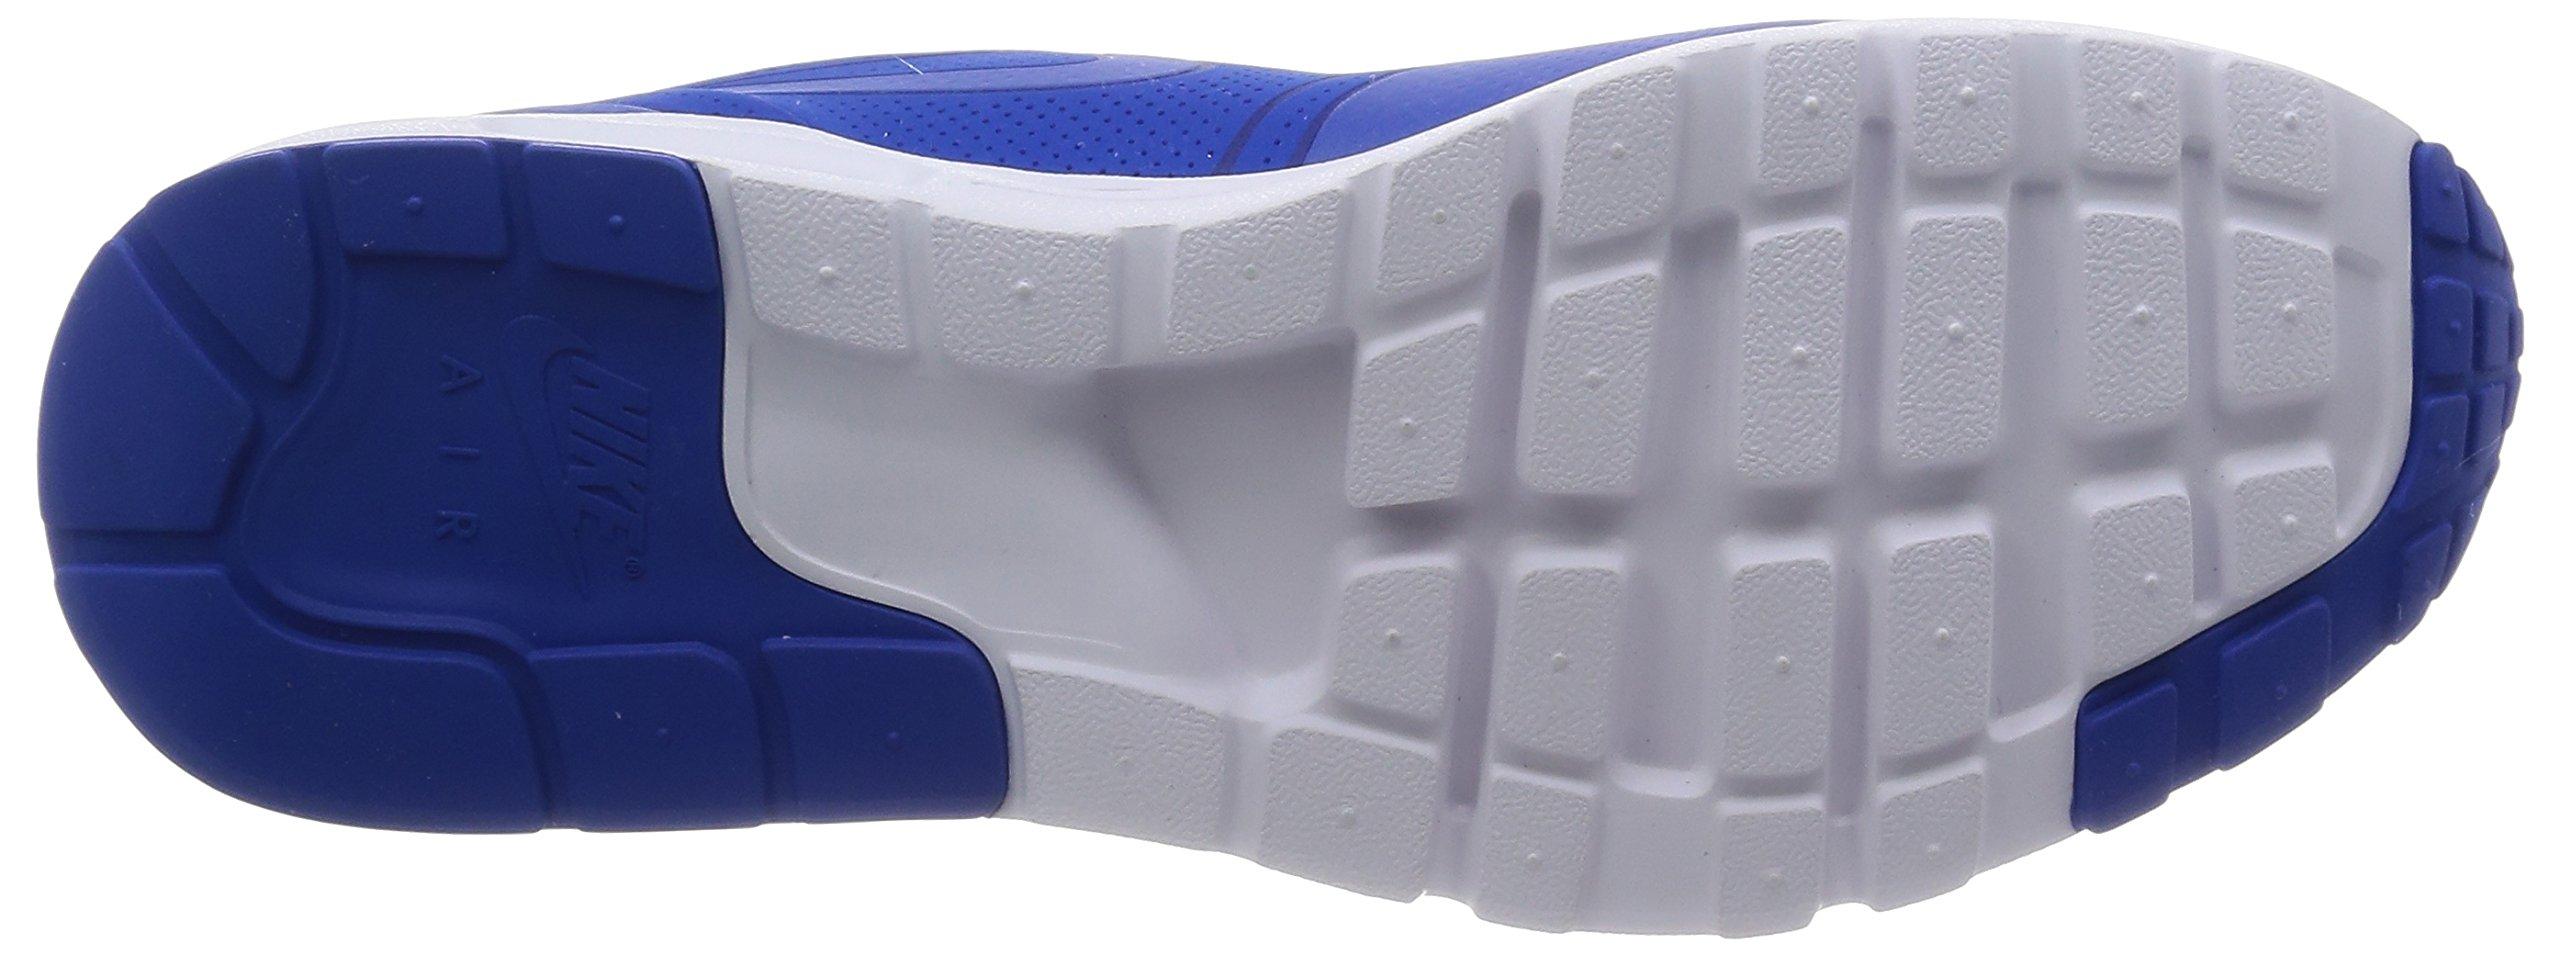 Nike - Wmns Air Max 1 Ultra Moire Game Royal - Farbe: Blau - Größe: 38.5